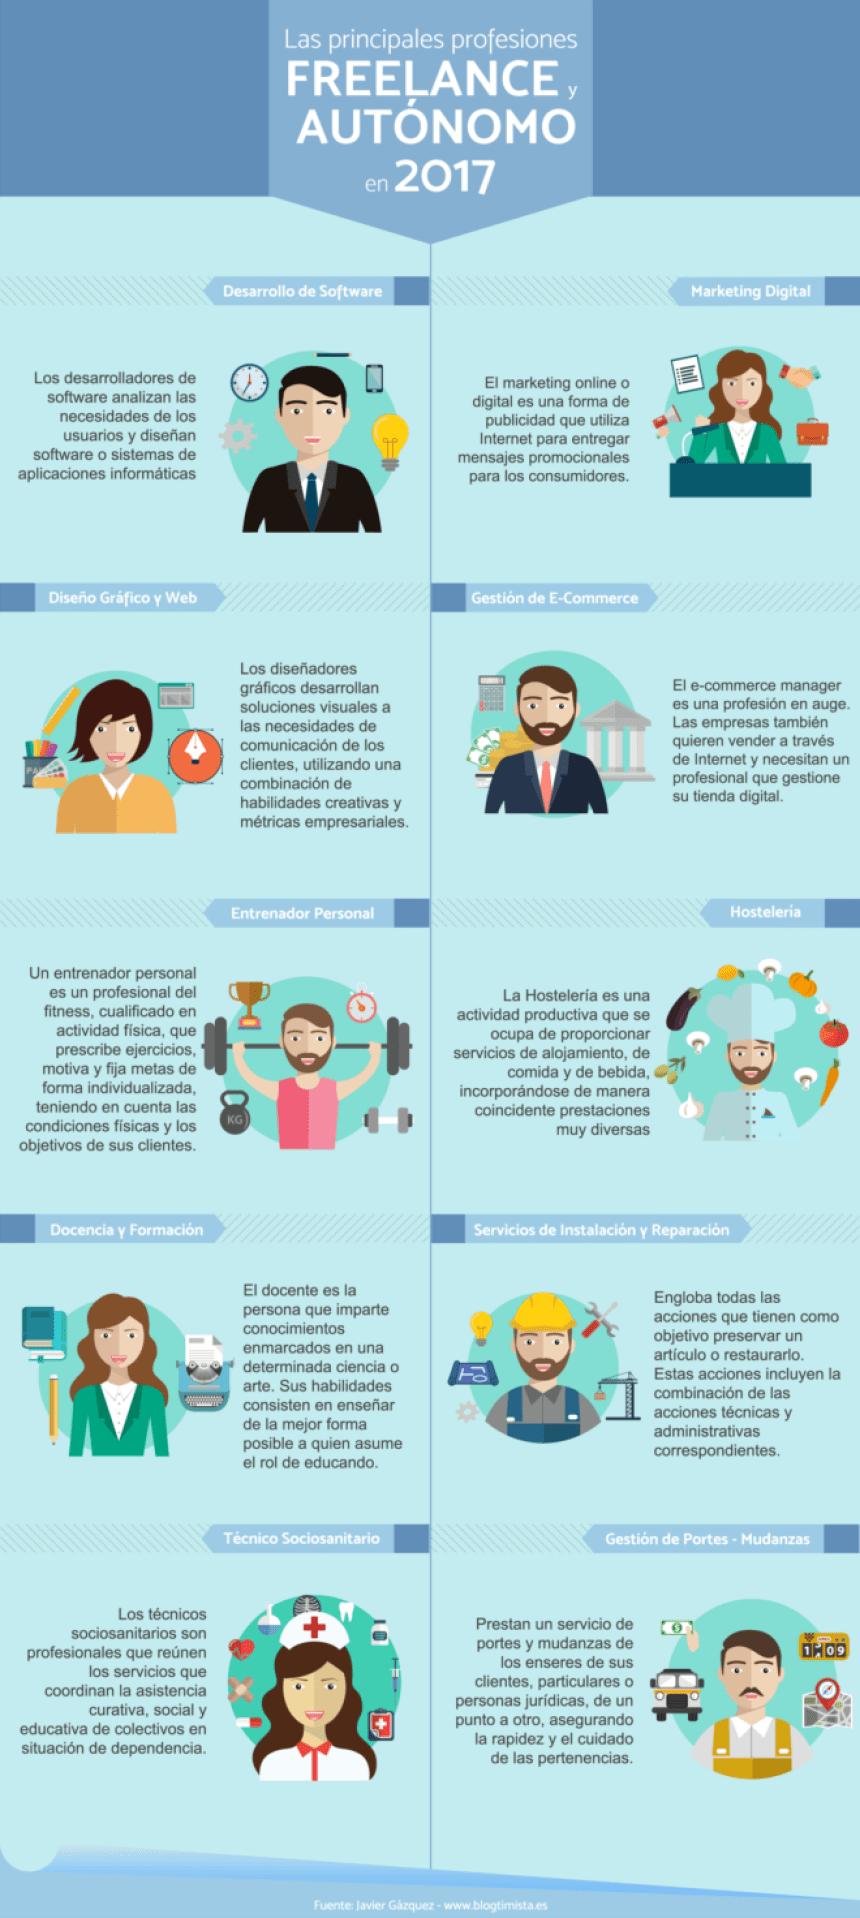 Principales profesiones freelance y autónomo